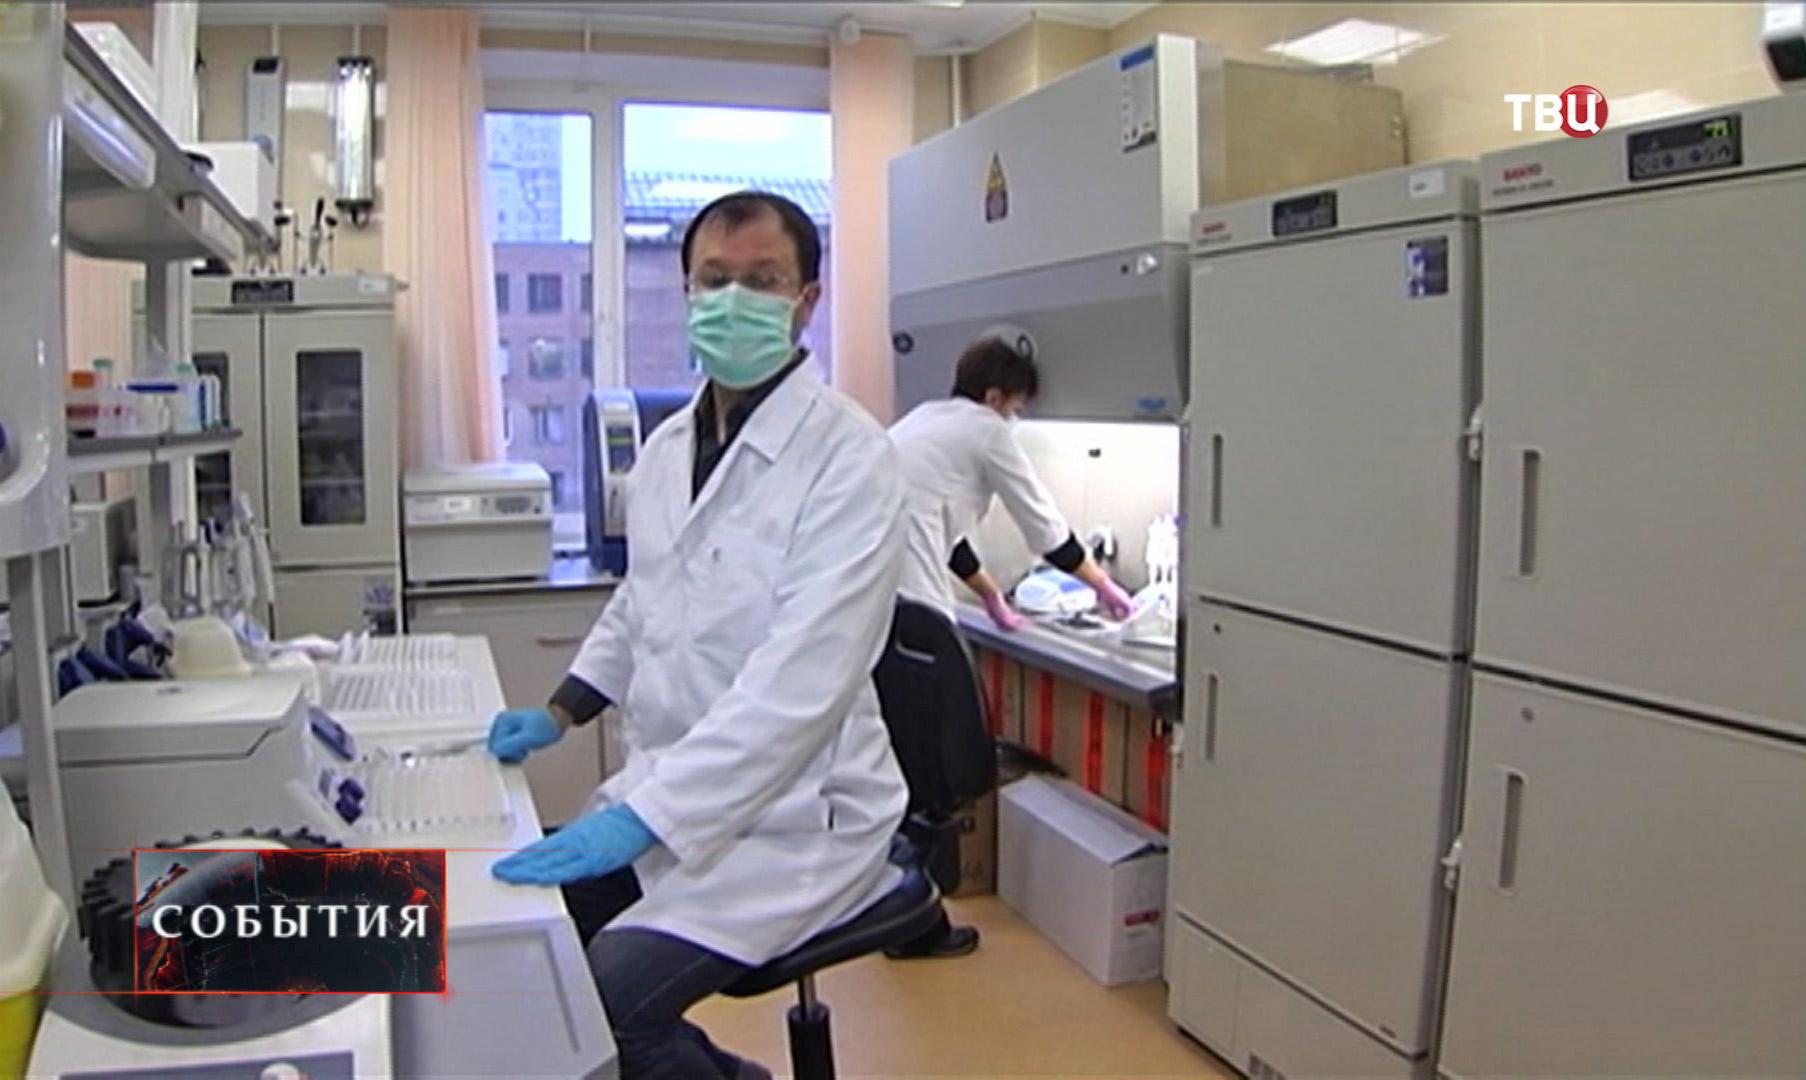 Медико-биологическая лаборатория Следственного комитета